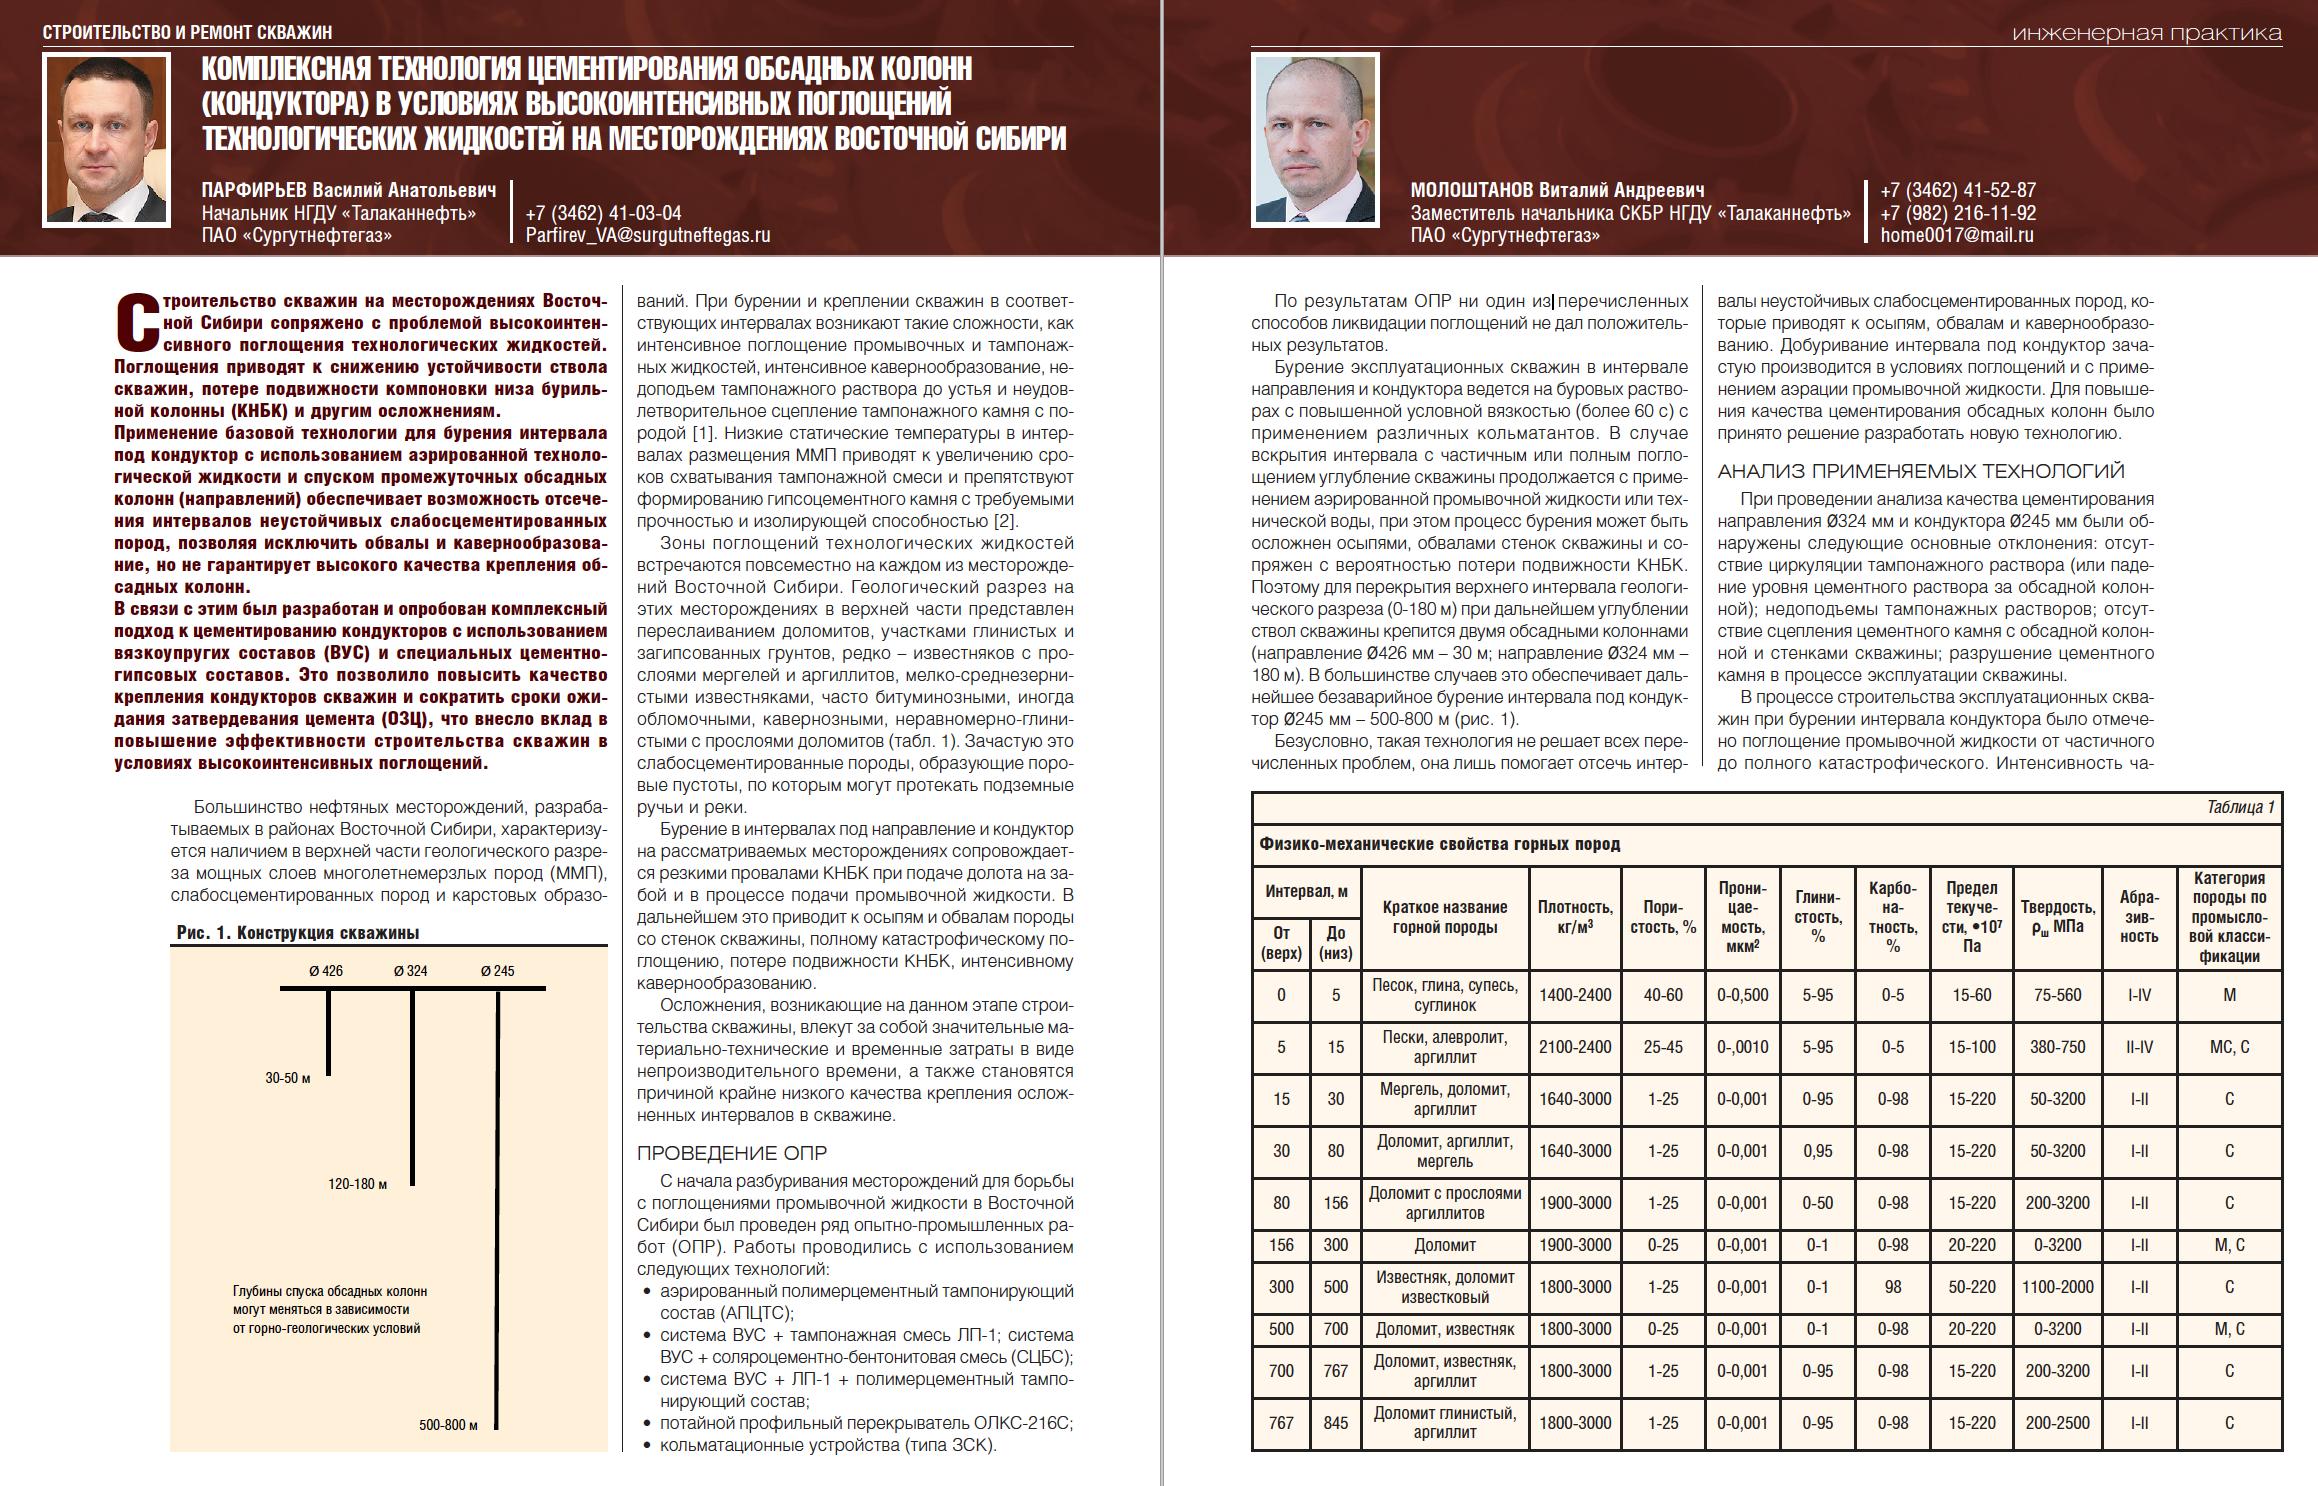 29950 Комплексная технология цементирования ОК в условиях поглощений технологических жидкостей в Восточной Сибири